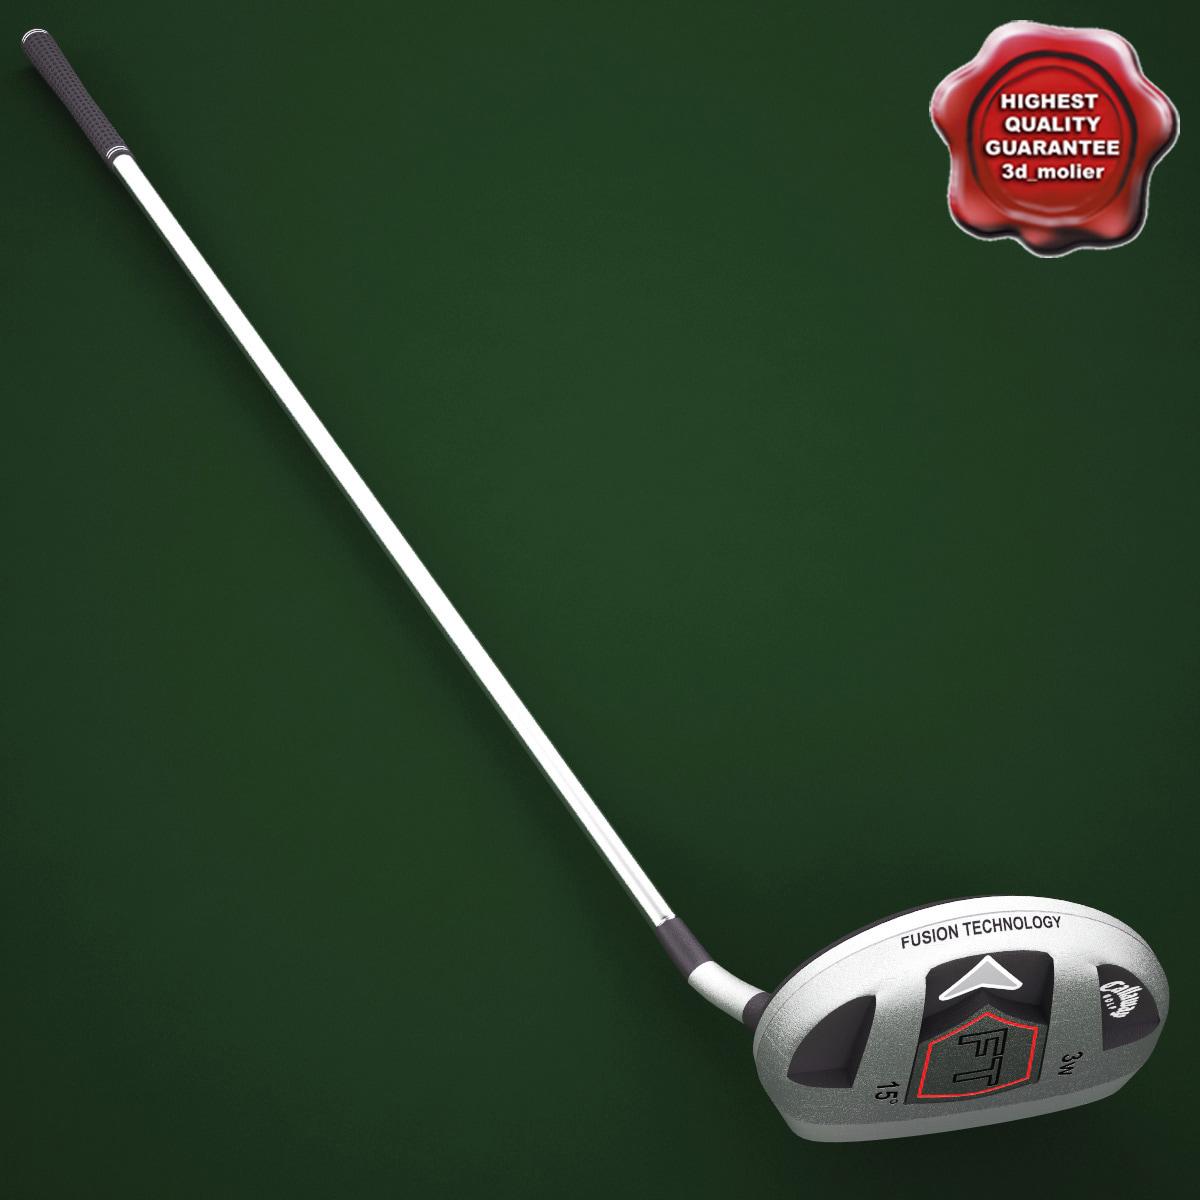 Golf_Callaway_Fusion_Hybrid_00.jpg